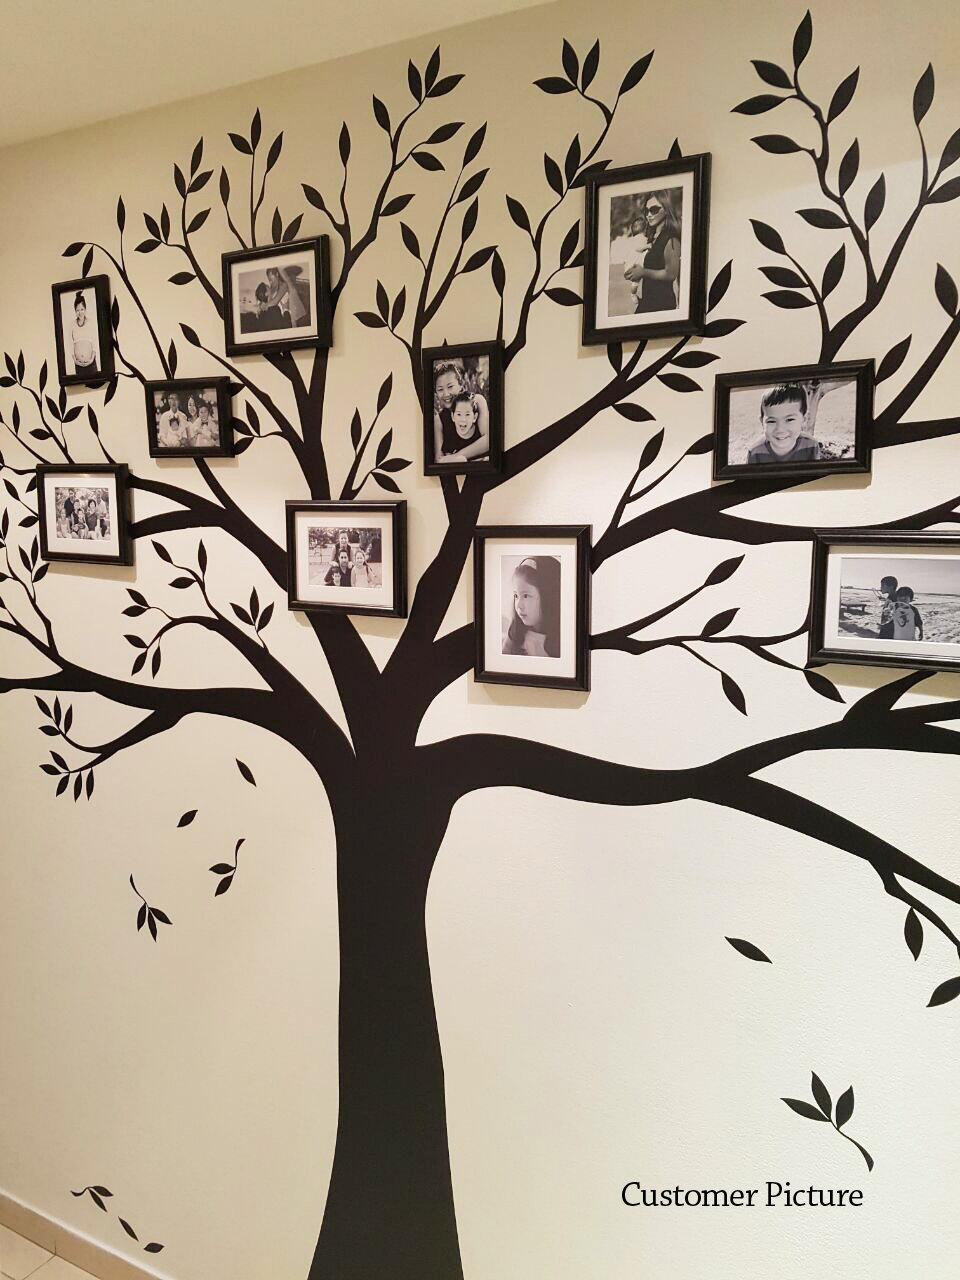 Wandtattoo Stammbaum Wandtattoo Foto-Rahmen-Baum Aufkleber | Etsy